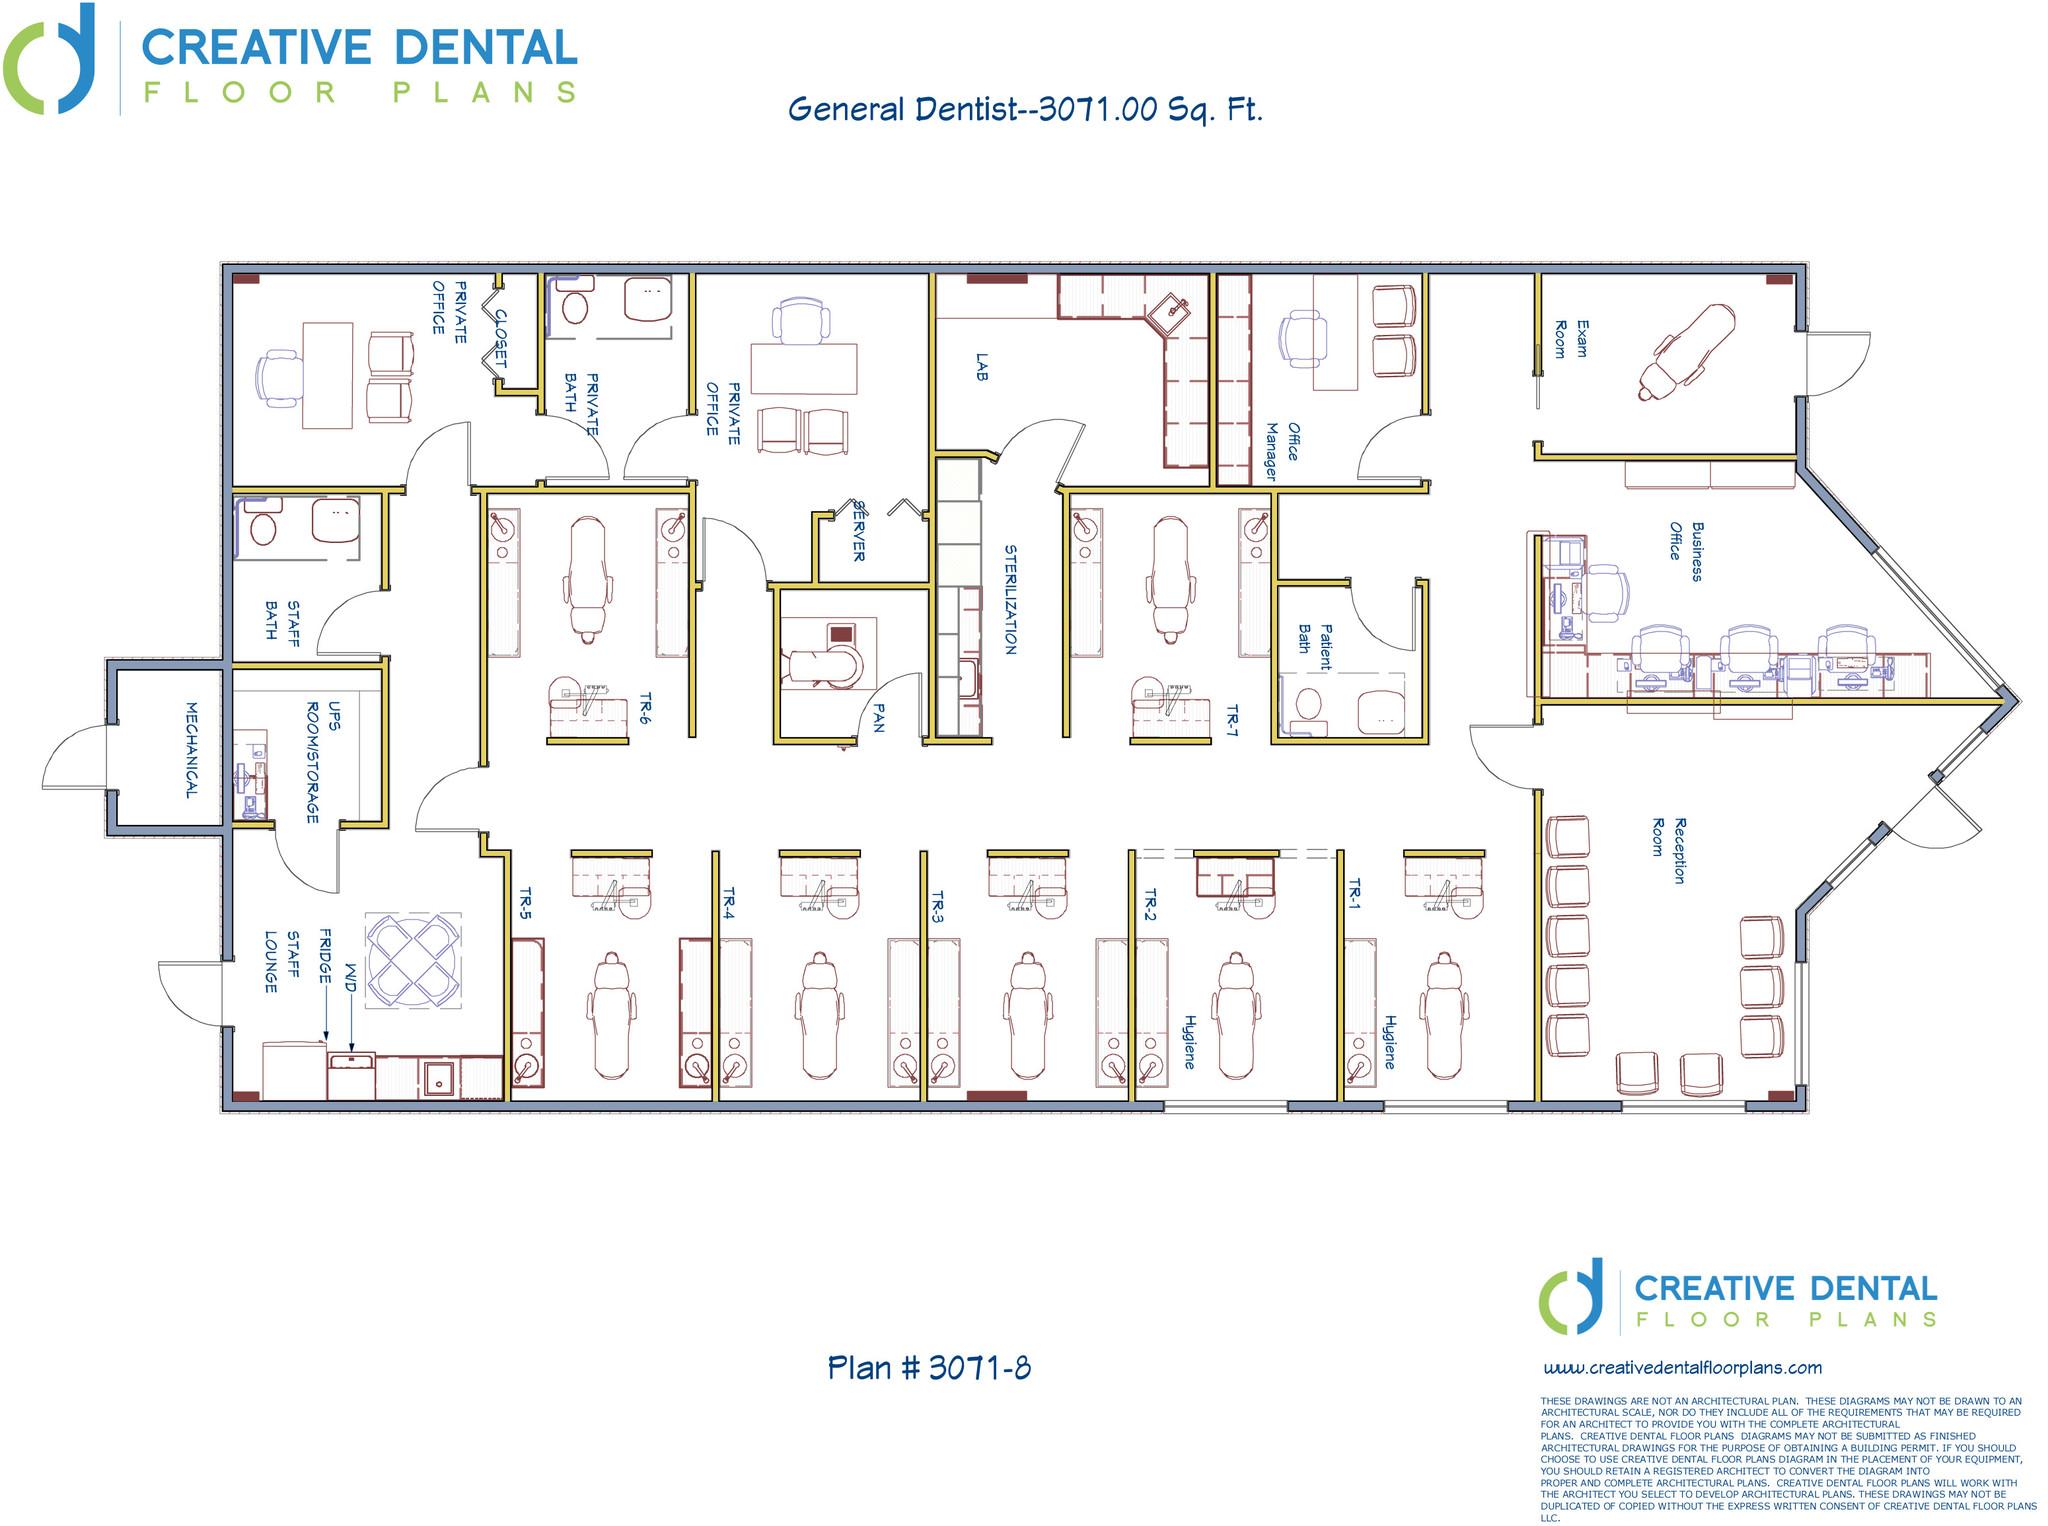 Creative Dental Floor Plans | General